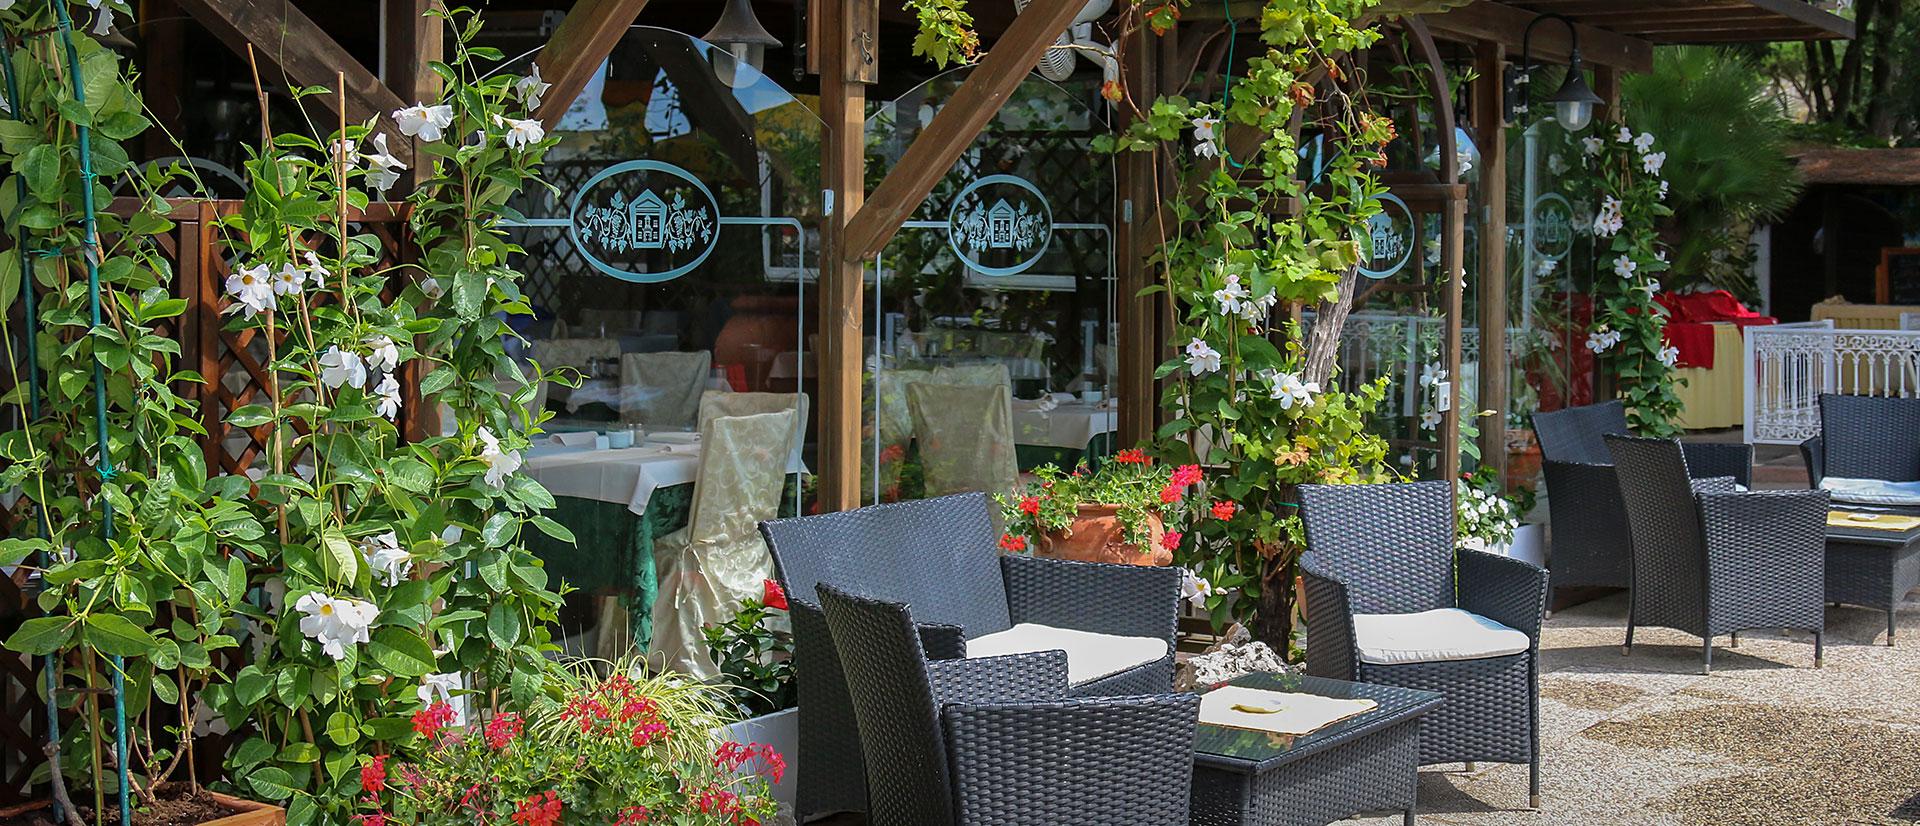 jesolo-hotel-ristorante-all-aperto